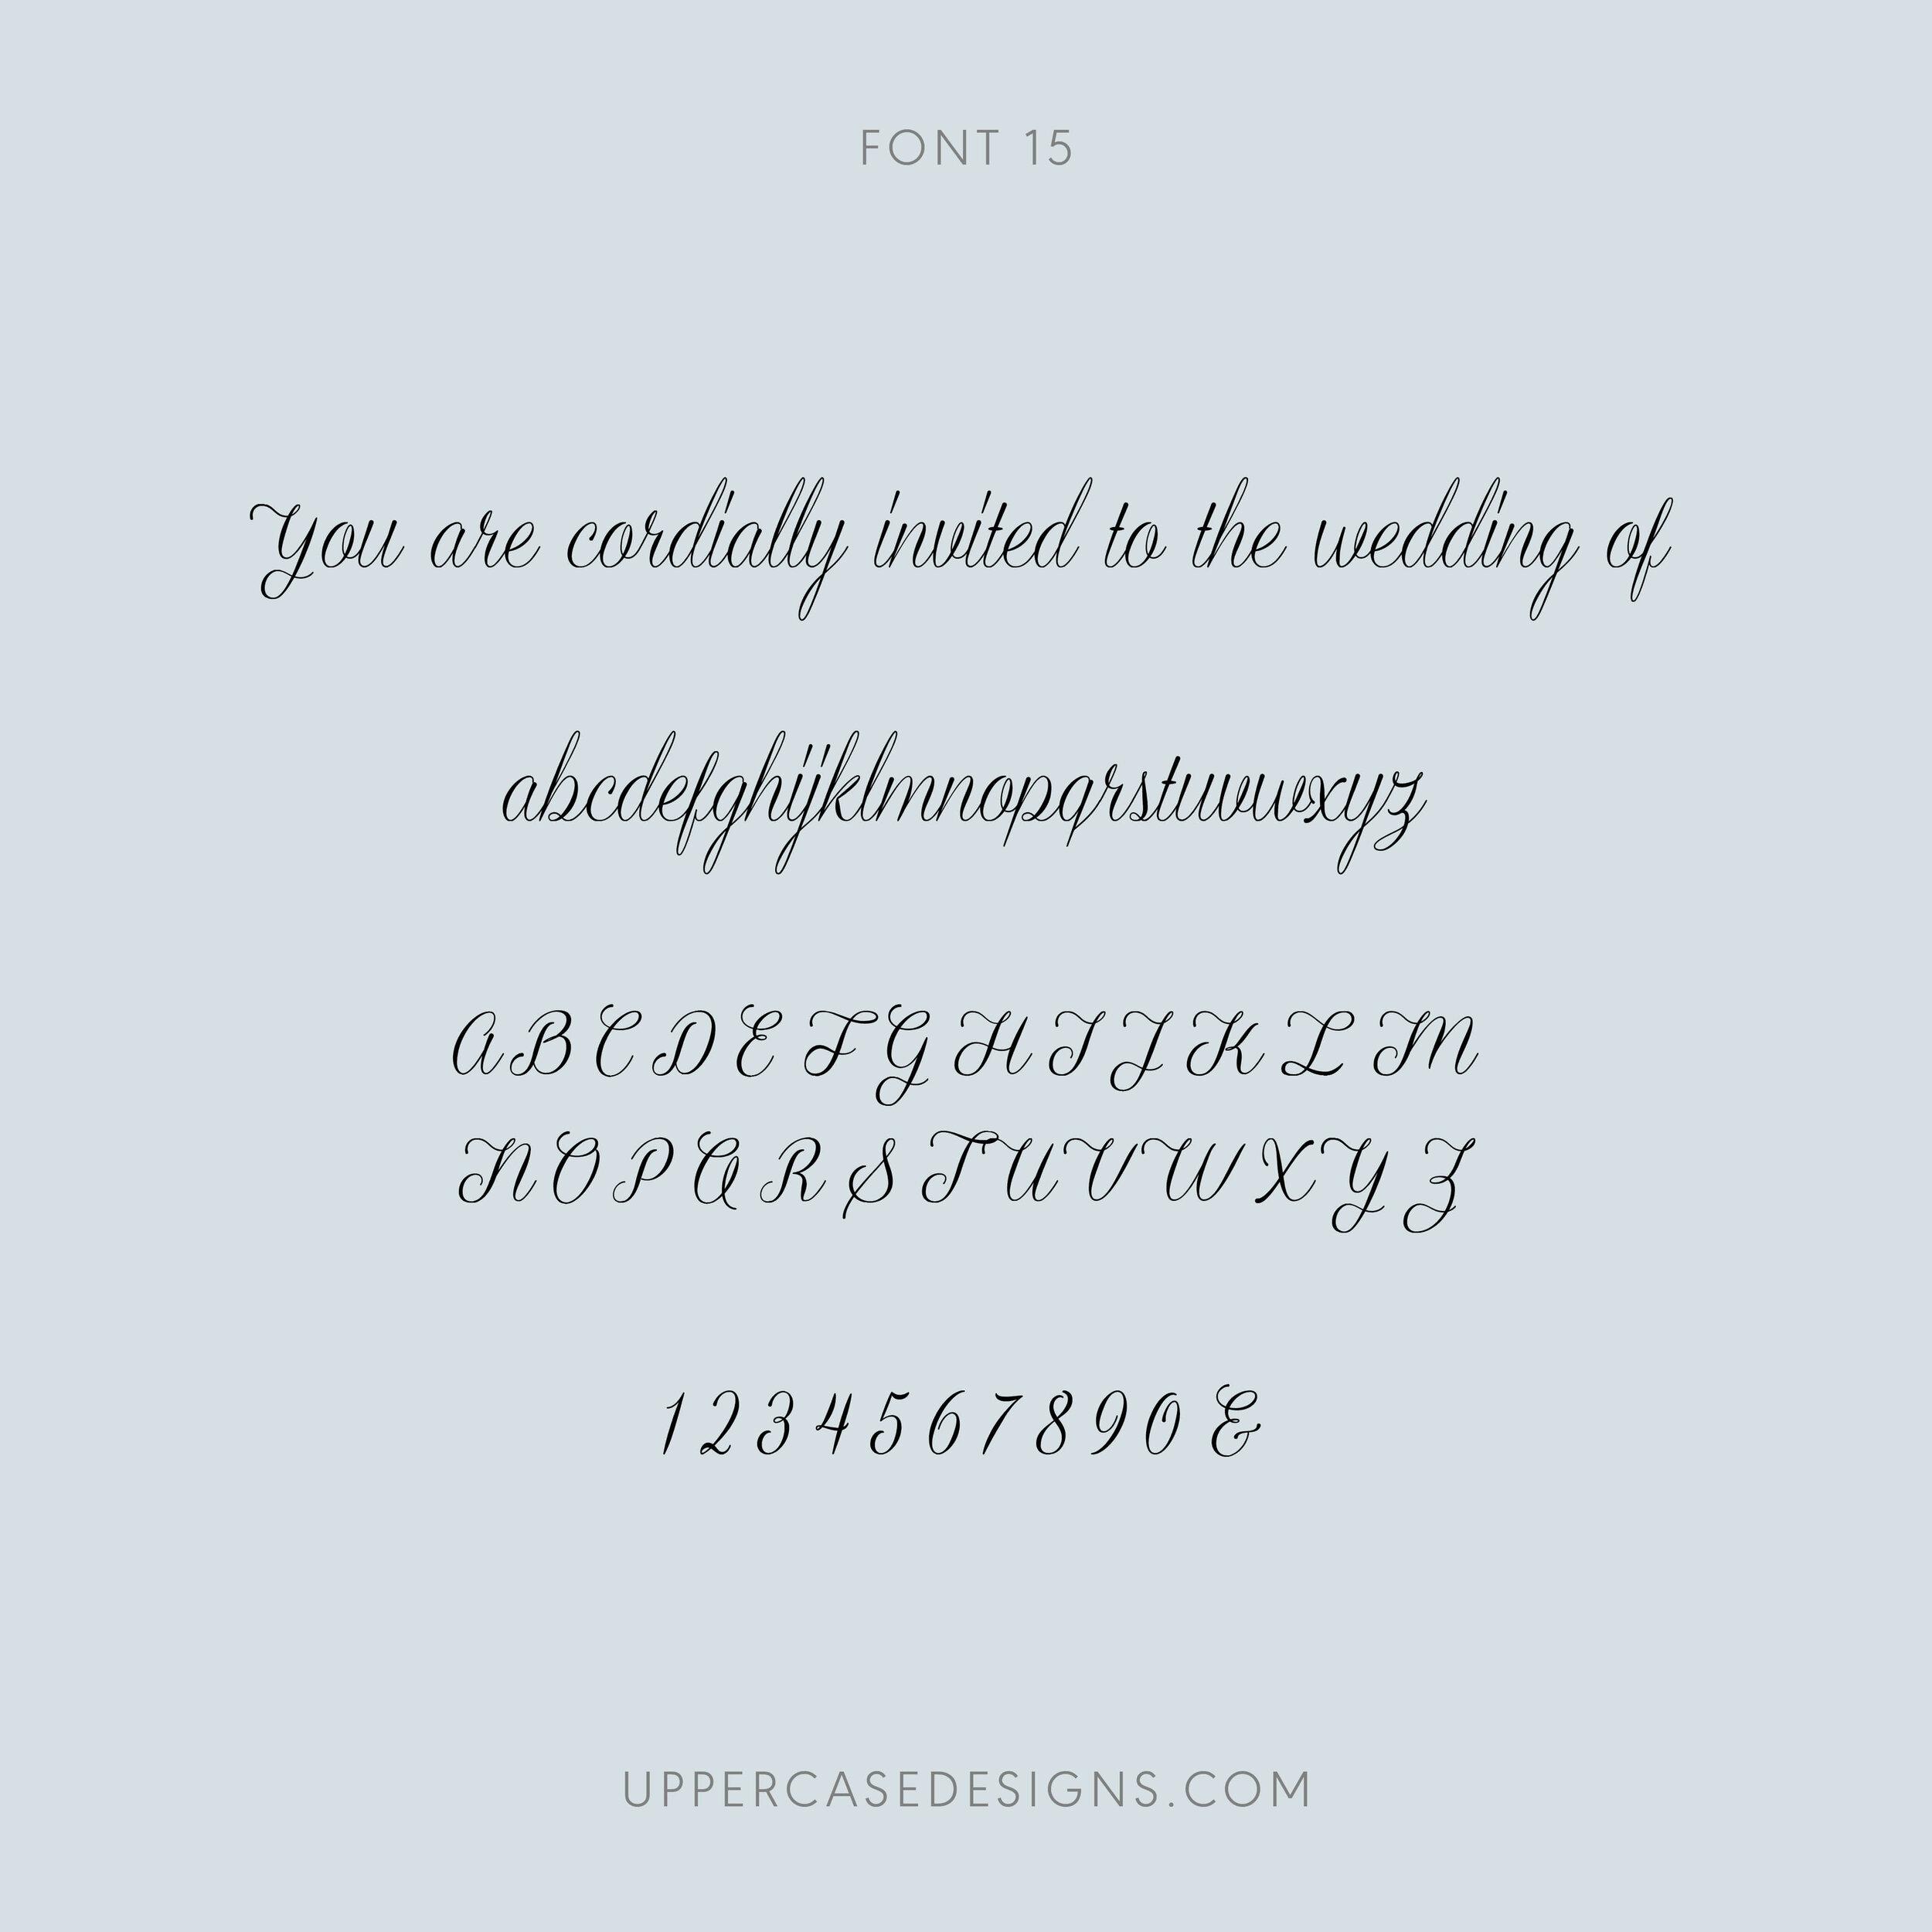 UppercaseDesigns-Fonts-202015.jpg